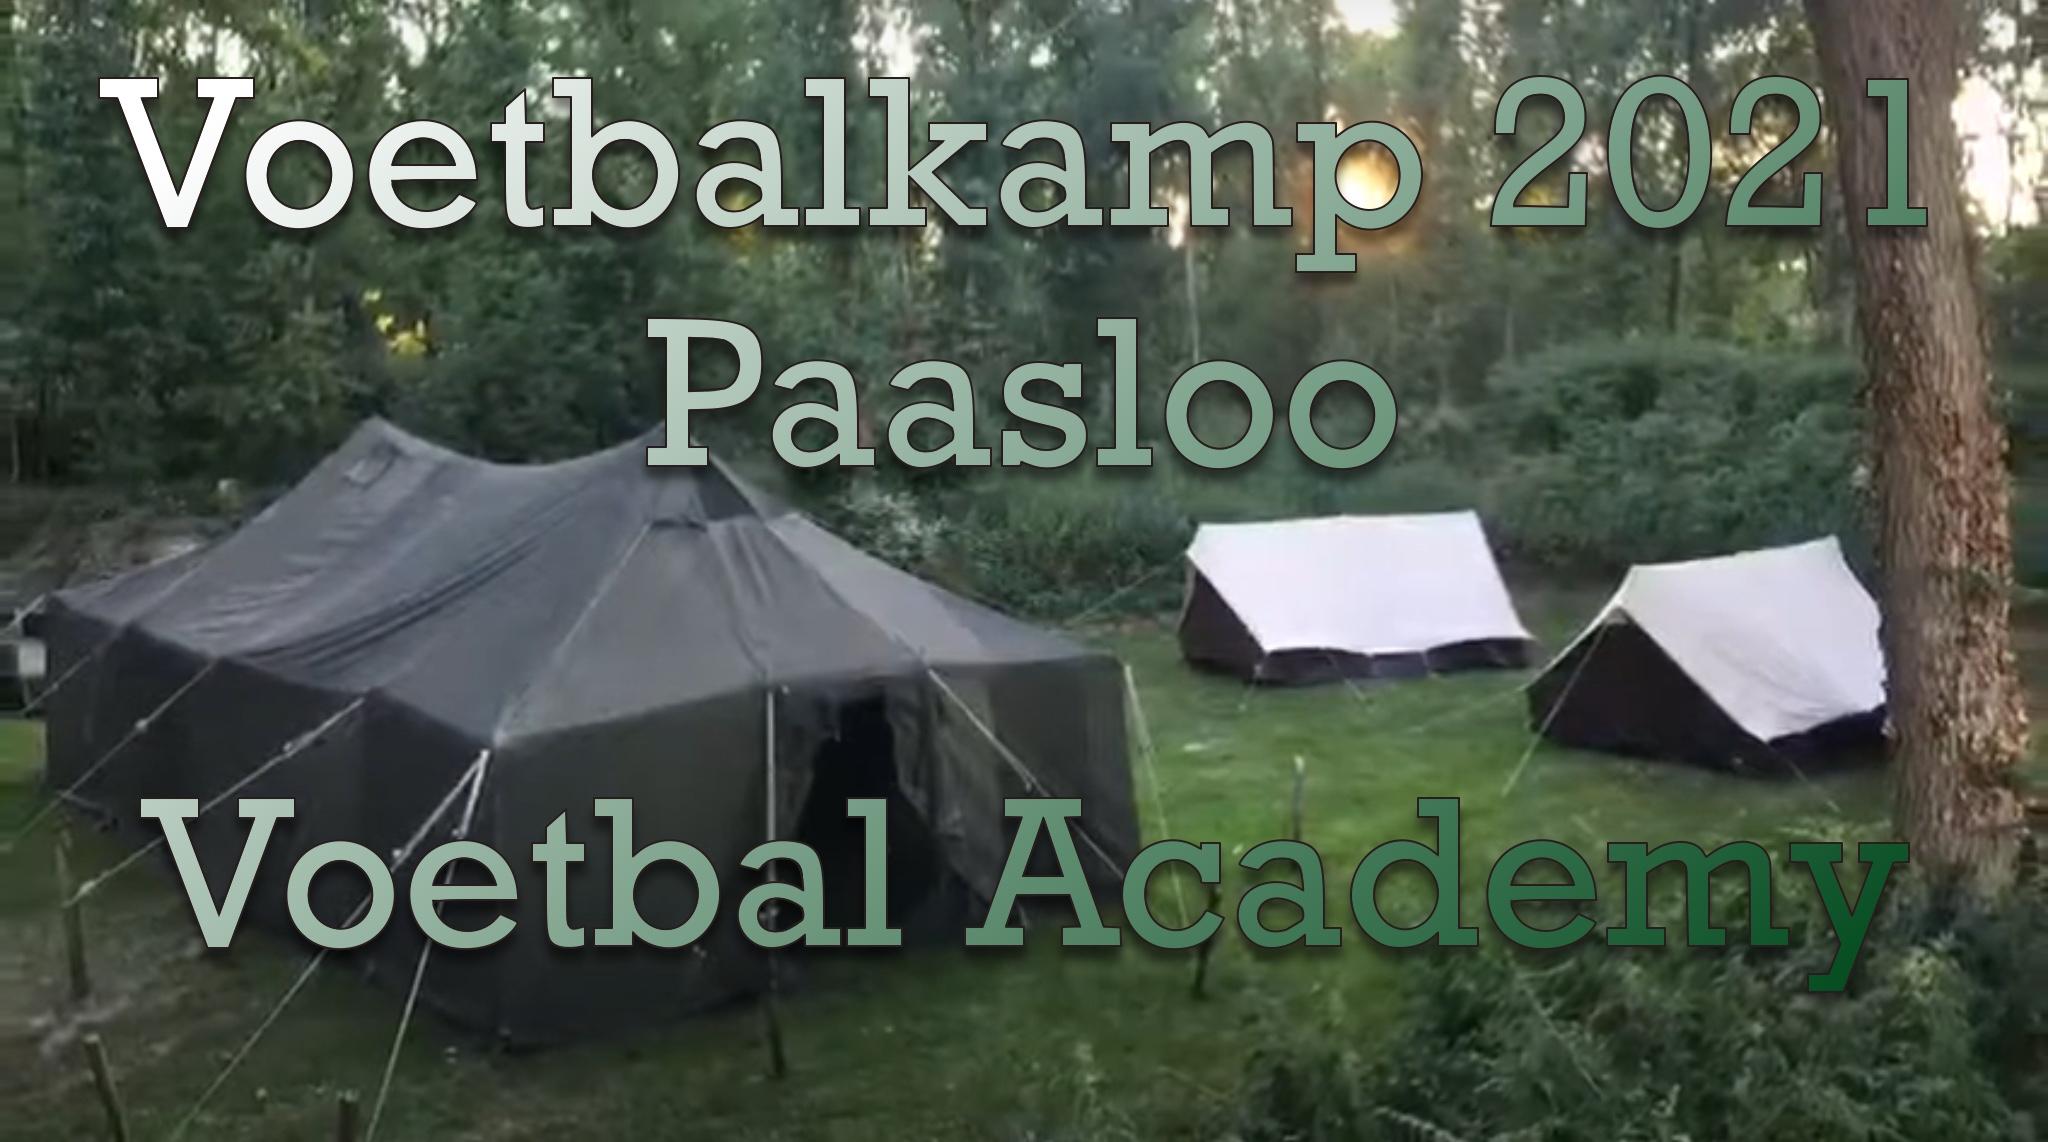 Voetbalkamp 2021 Paasloo